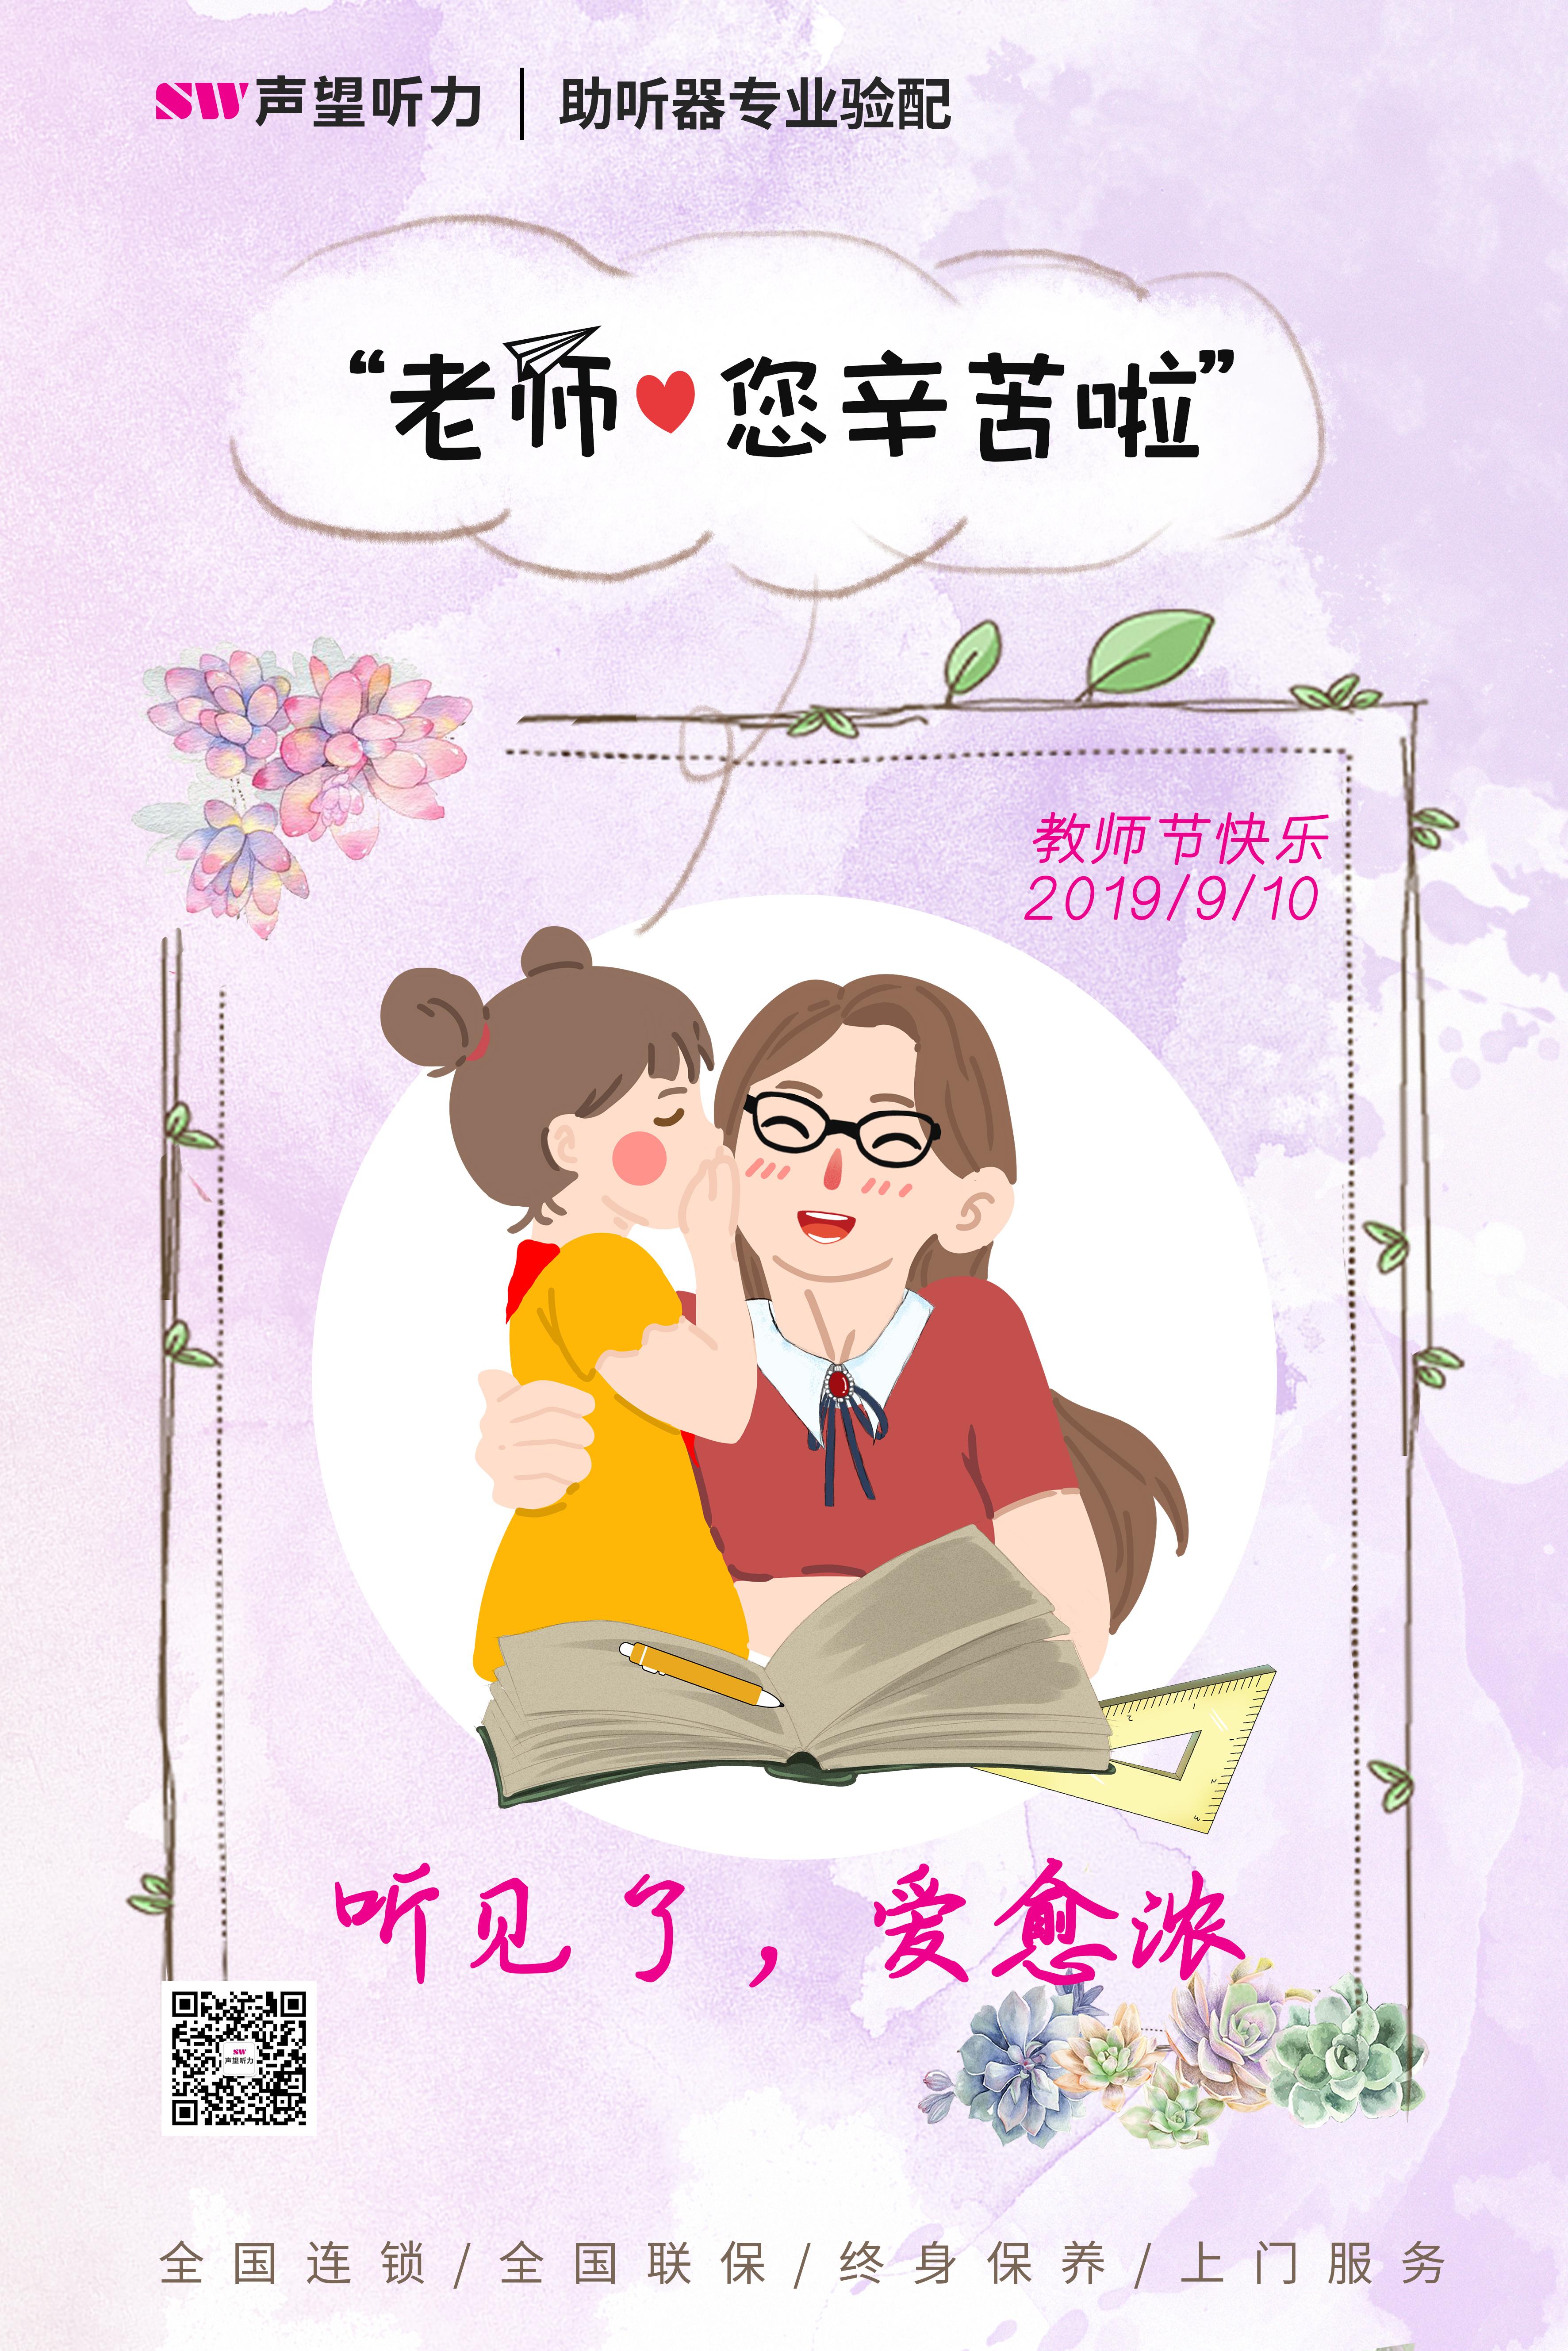 教师节靓丽4.jpg